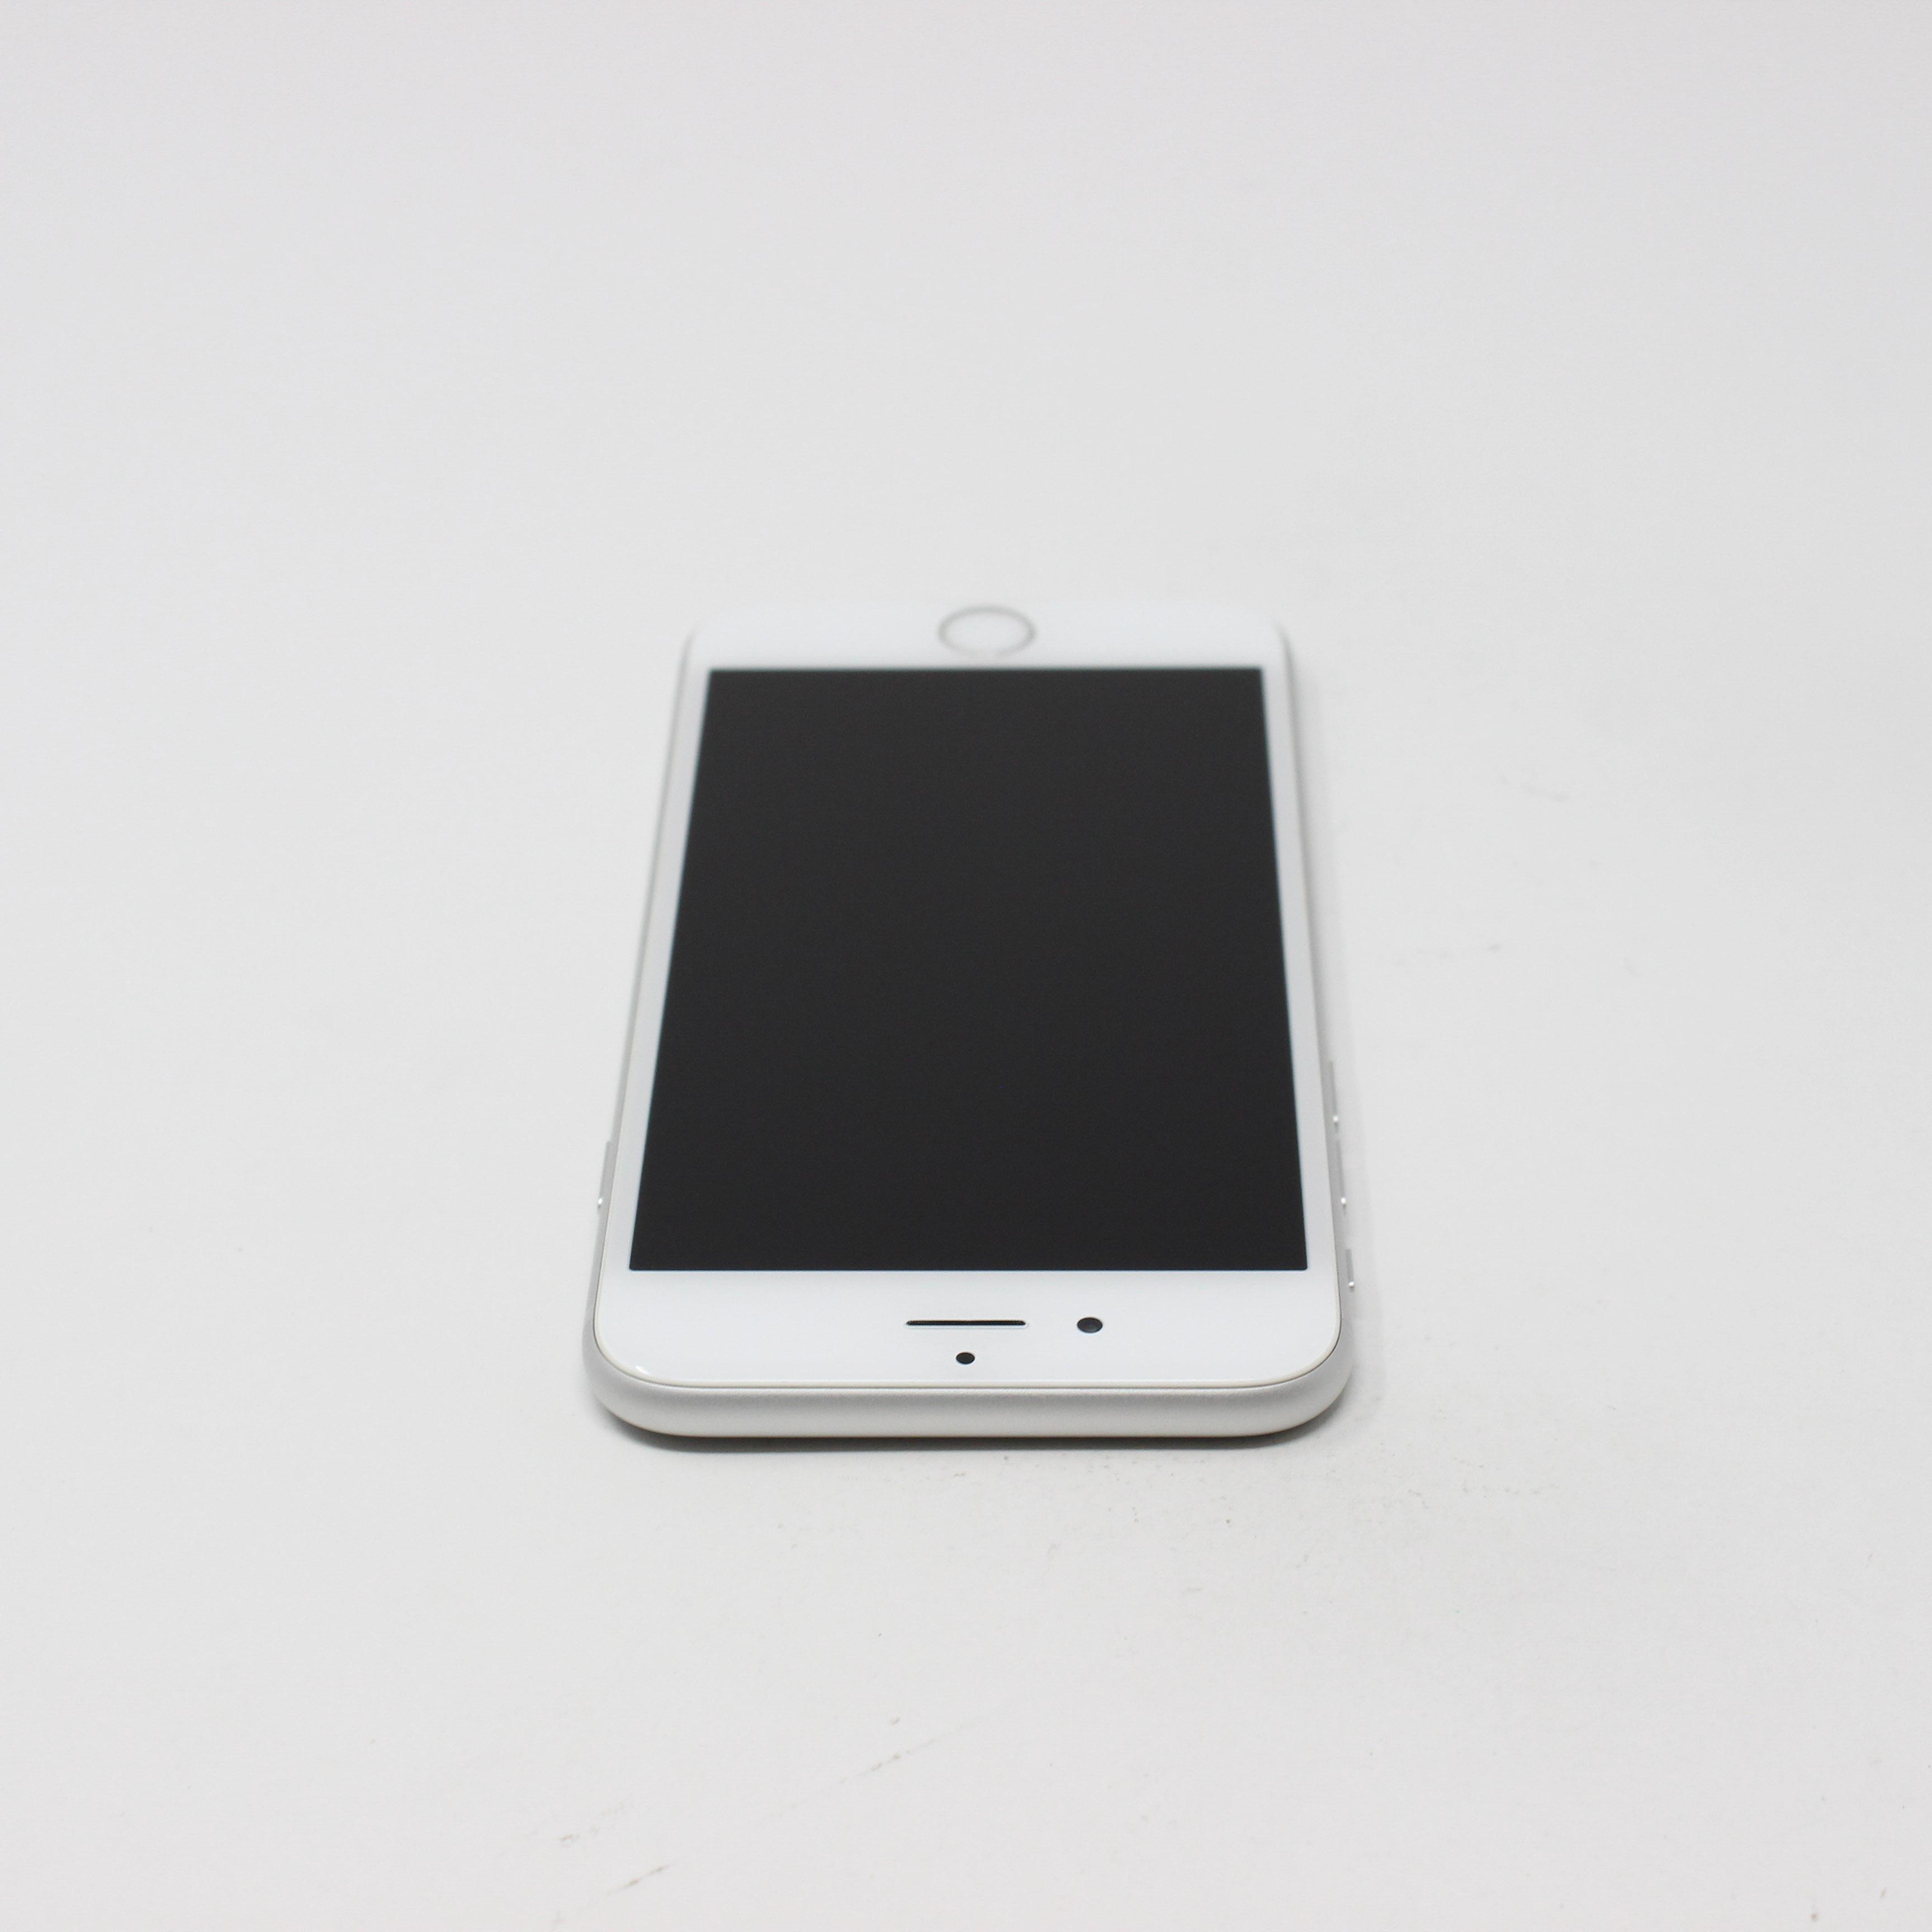 iPhone 6S 16GB Silver - AT&T photo 4   UpTradeit.com